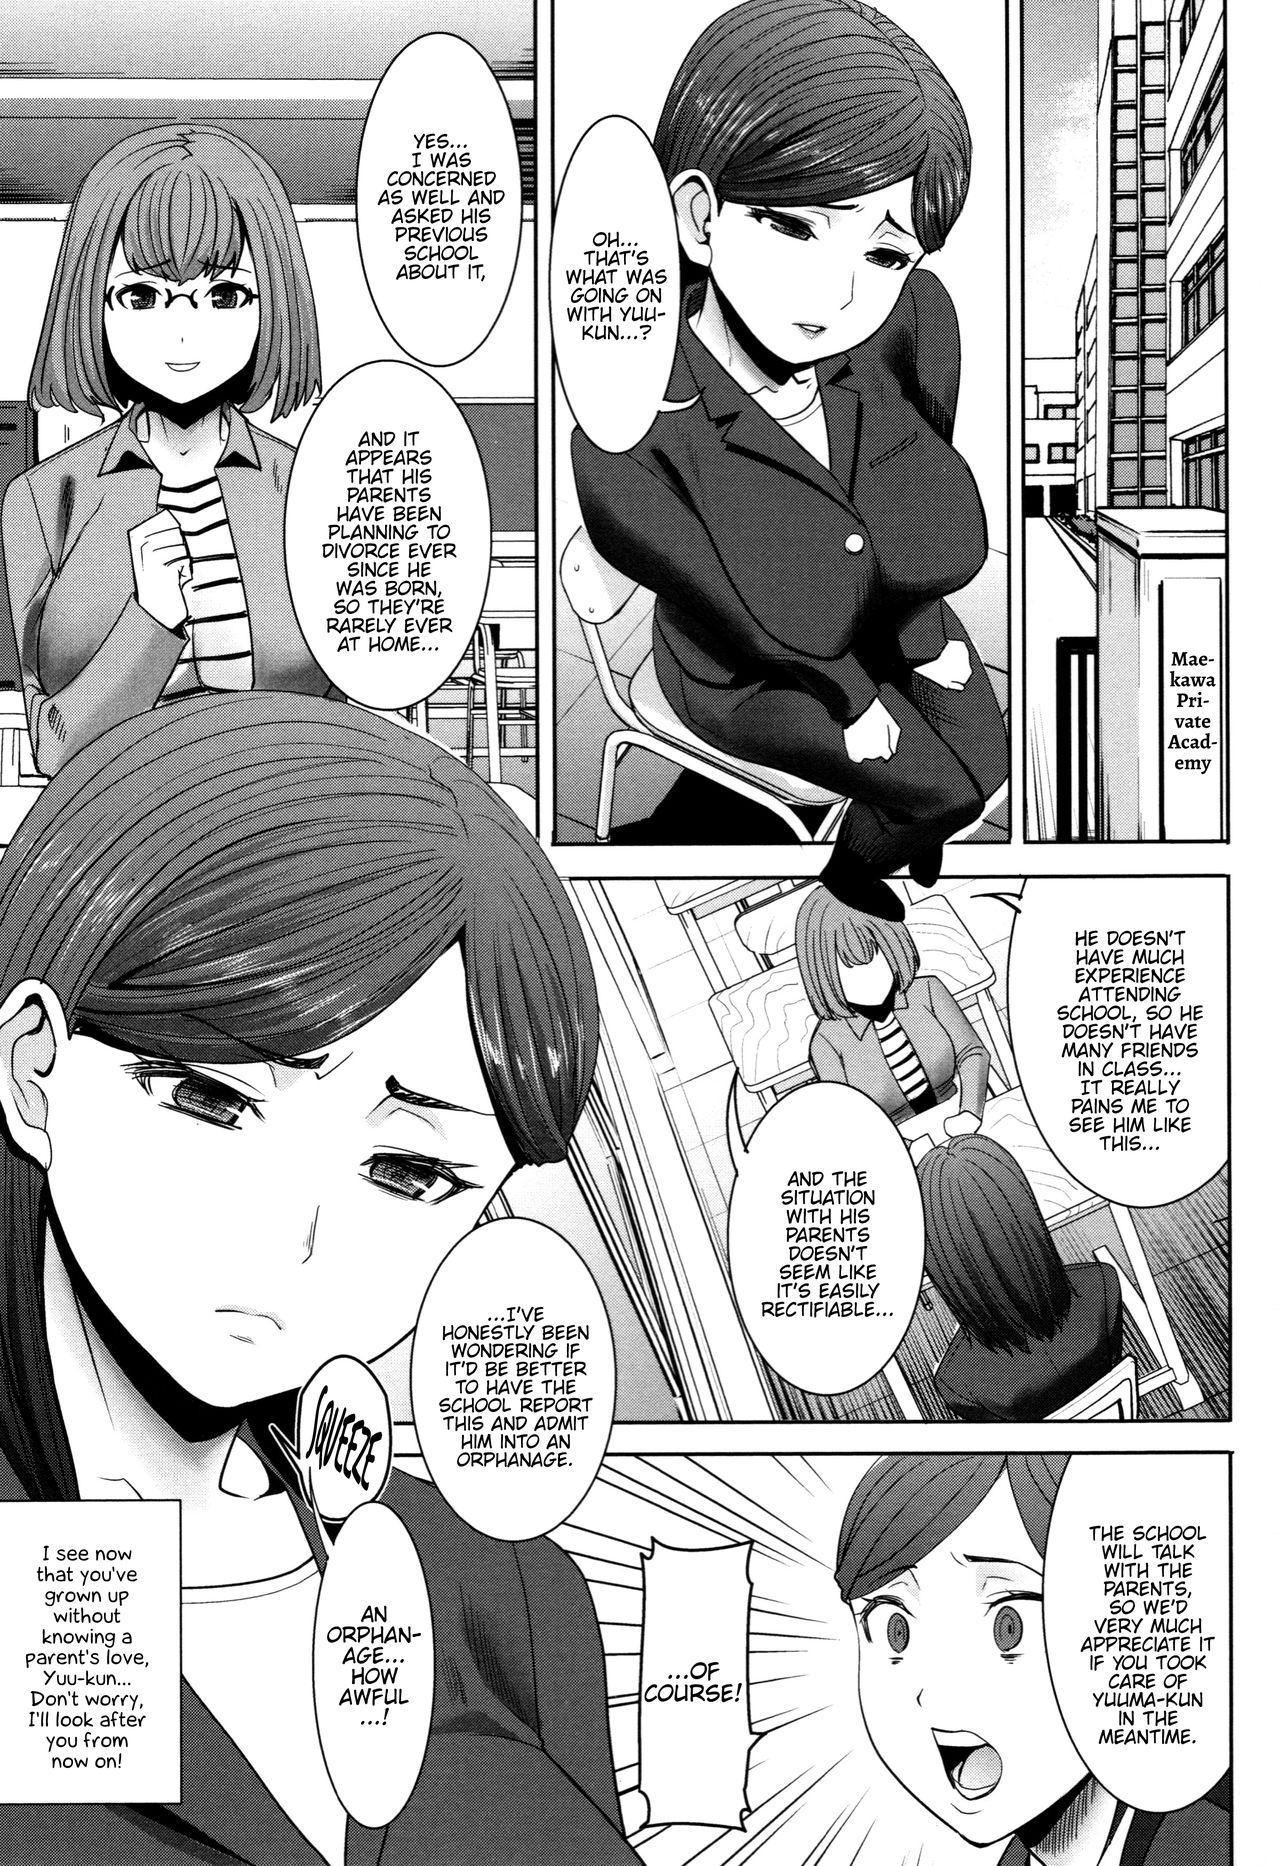 Unsweet - Asahina Ikka Netorareta Haha · Tomoko 32